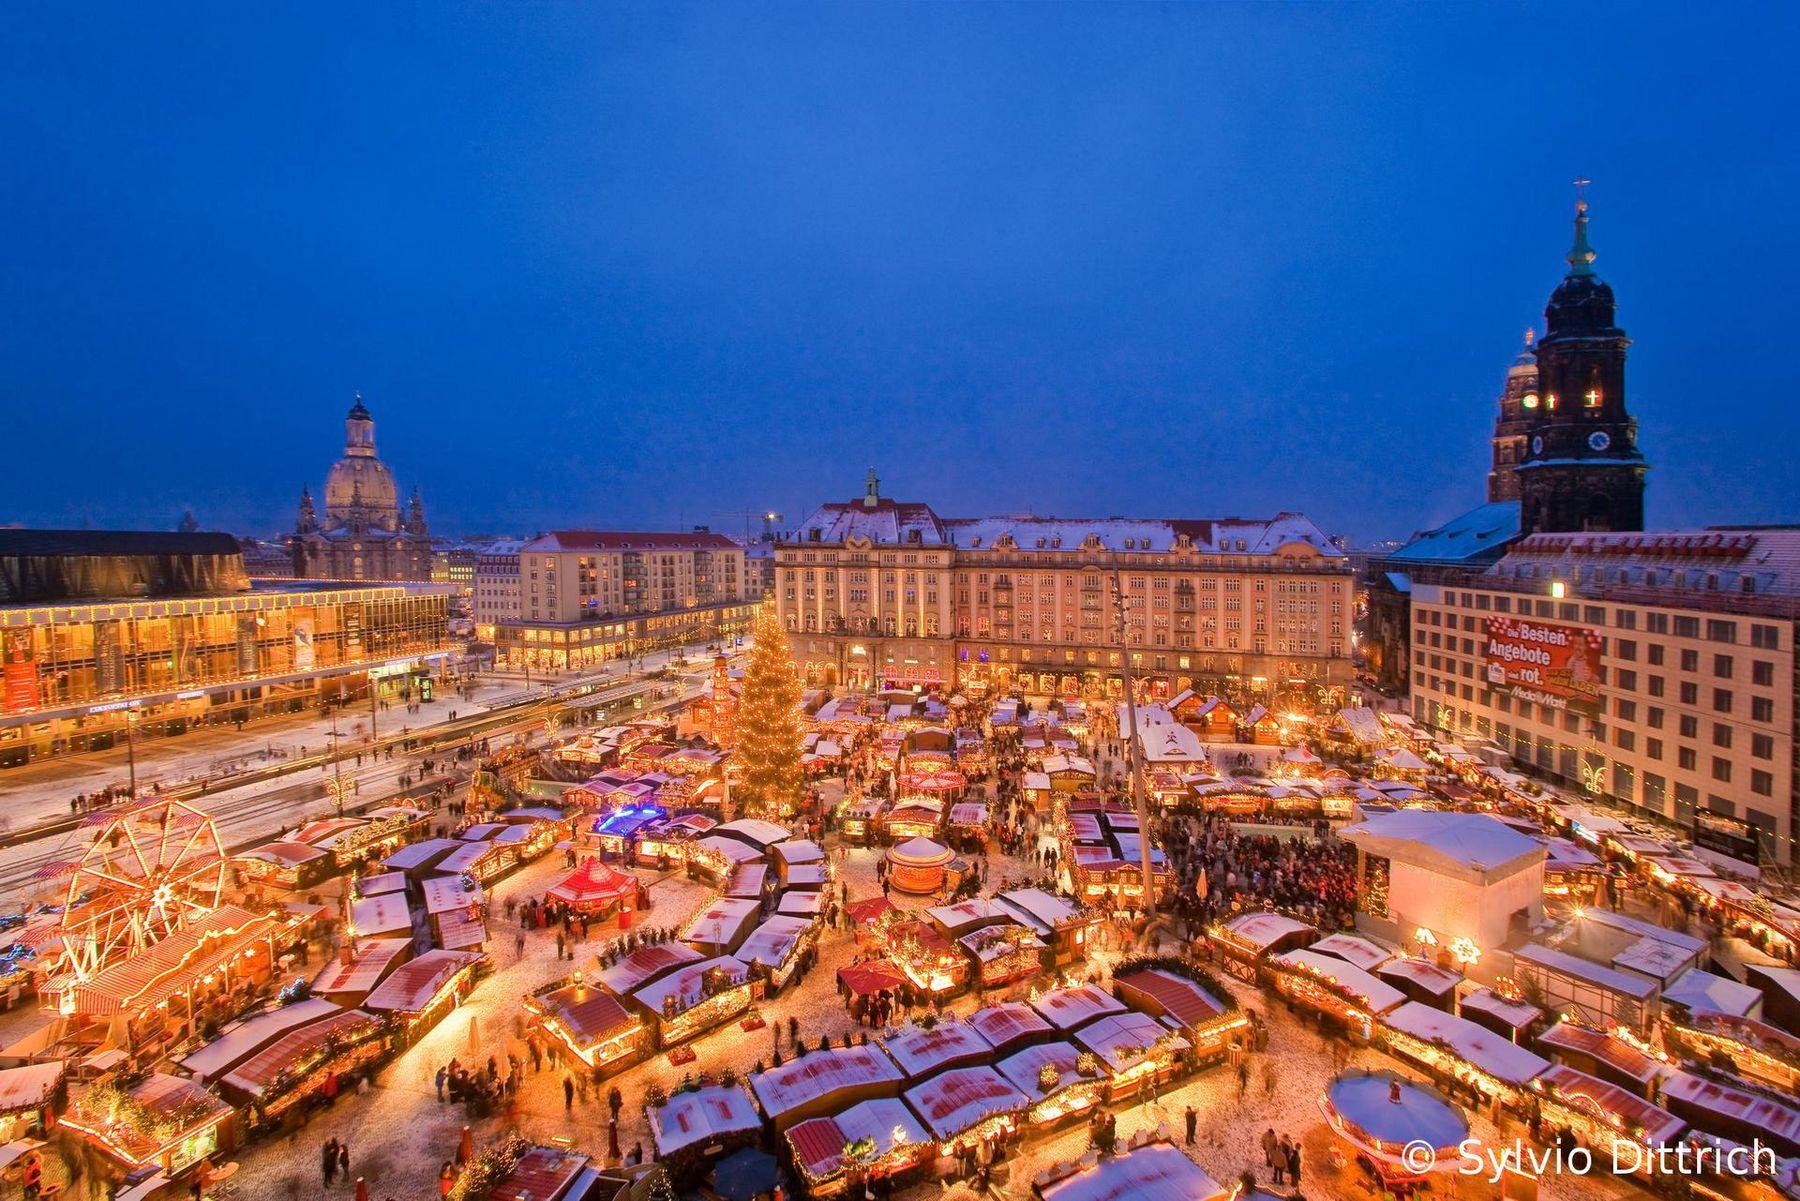 Striezelmarkt in Dresden